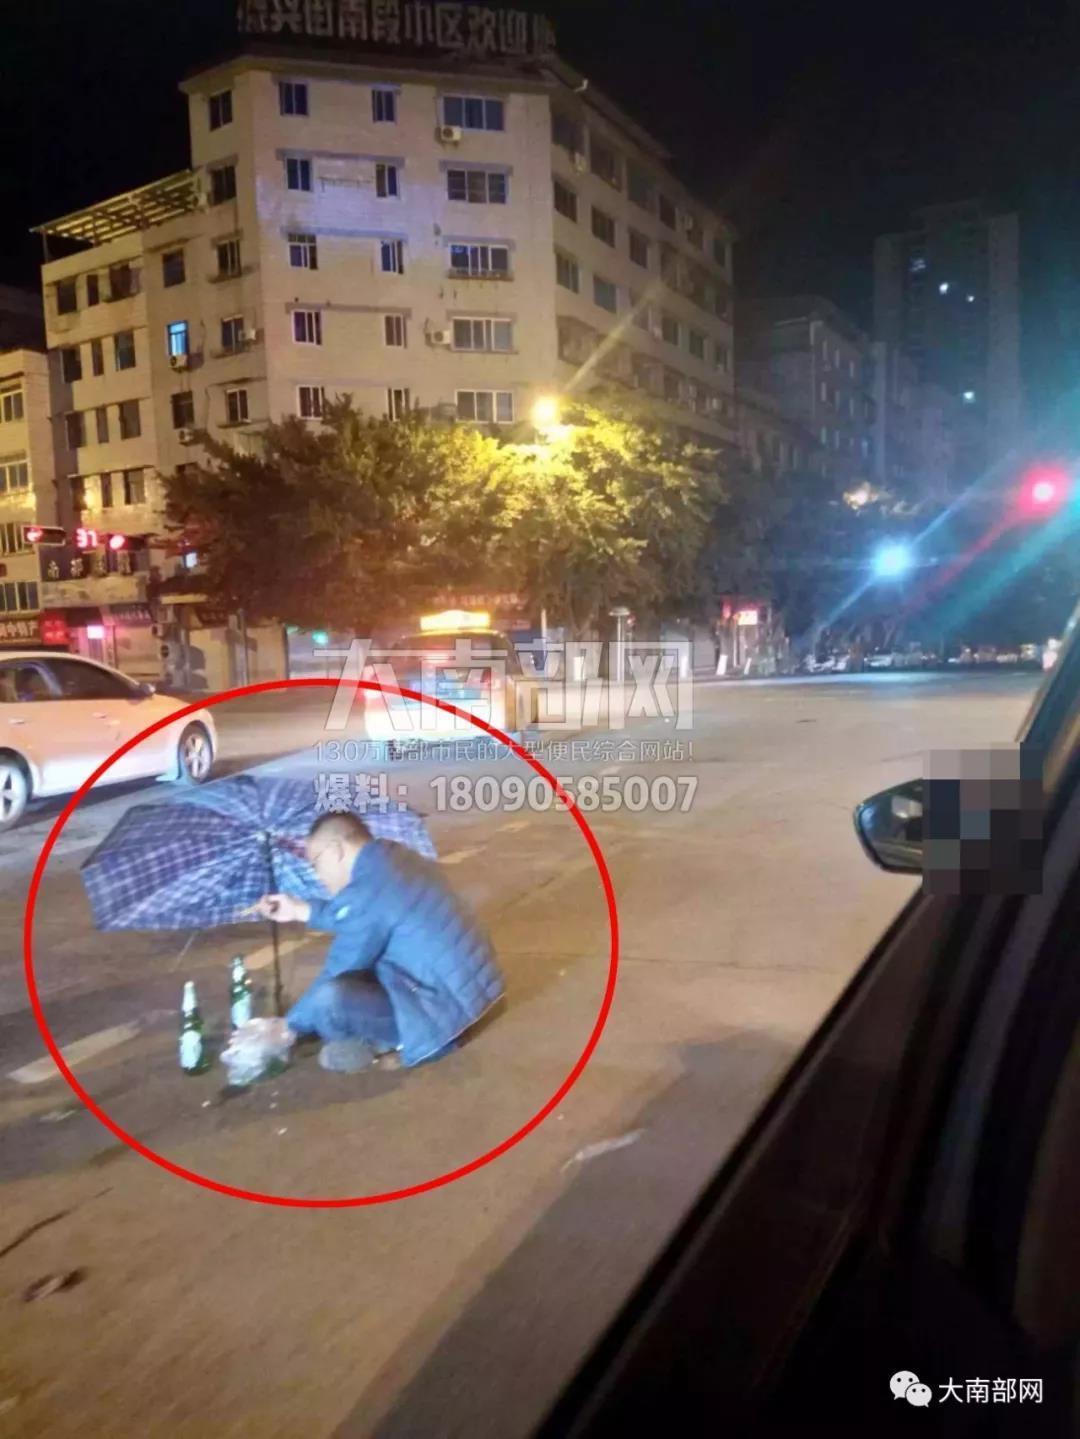 奇葩 深夜南充一男子在马路中间打着伞吃菜喝酒一个多小时 视频